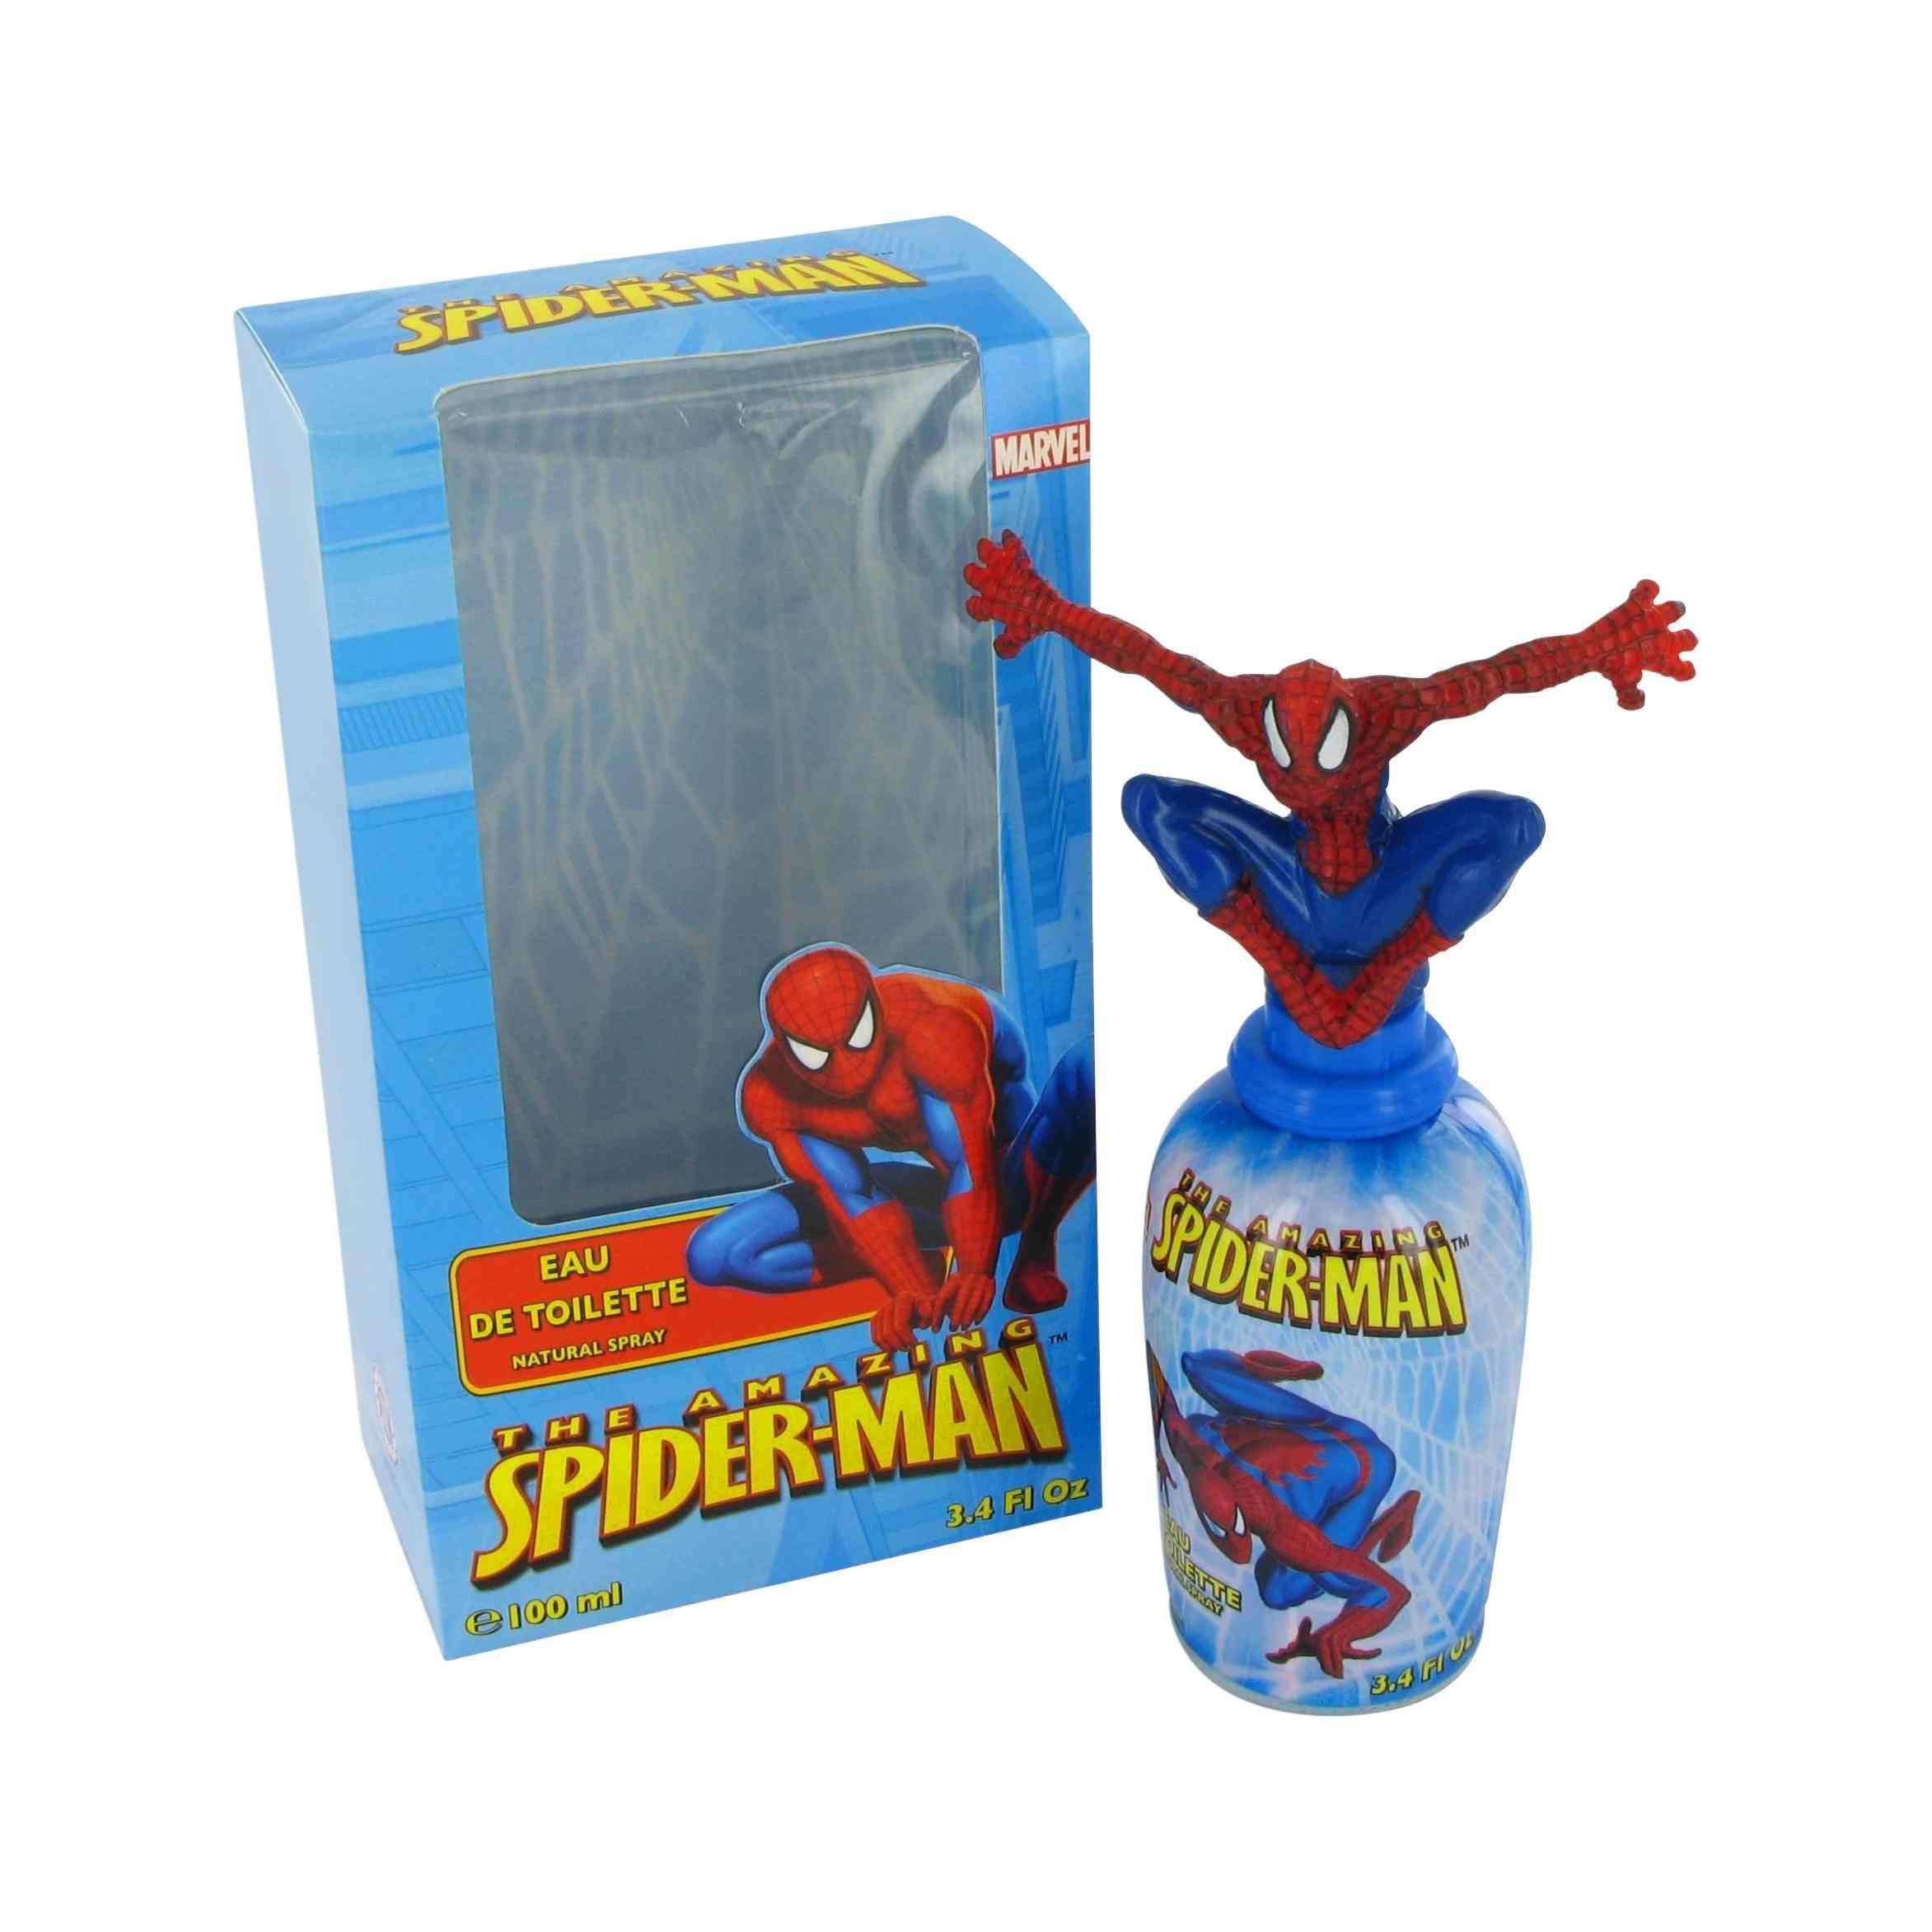 Marvel Spider-Man Men's 3.4-ounce Eau de Toilette Spray